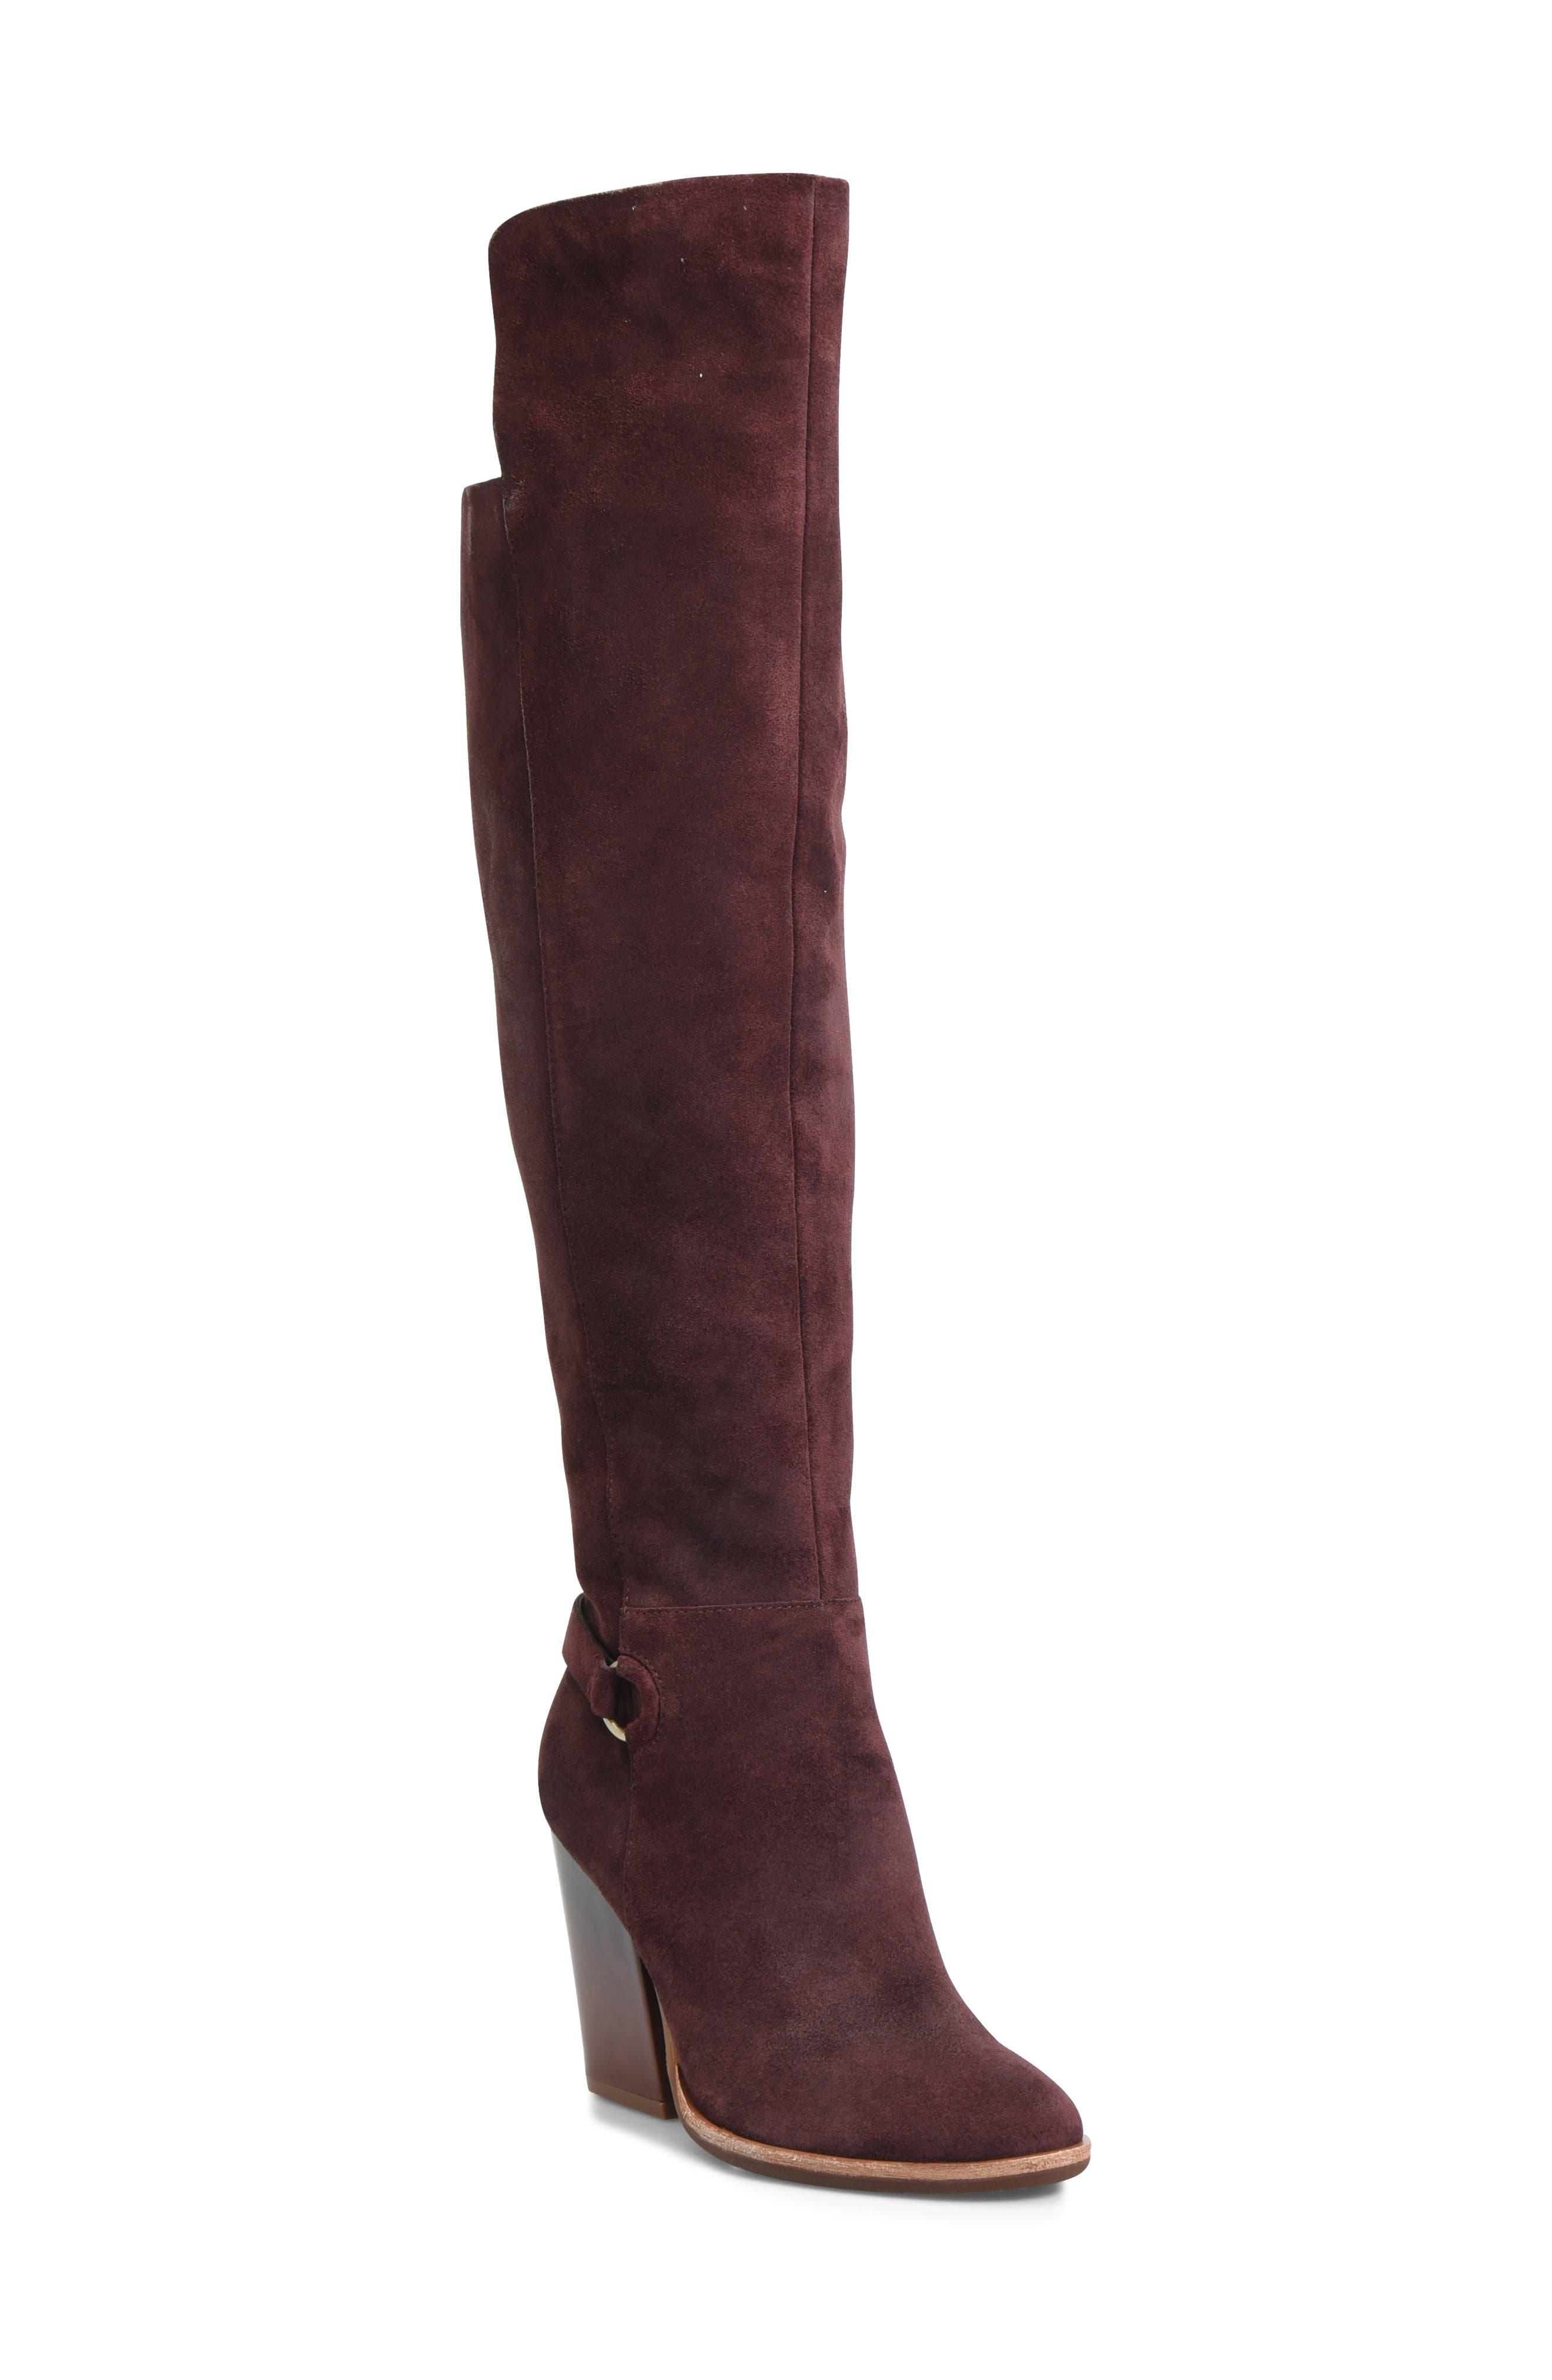 Kork-Ease Pavan Knee High Boot- Burgundy